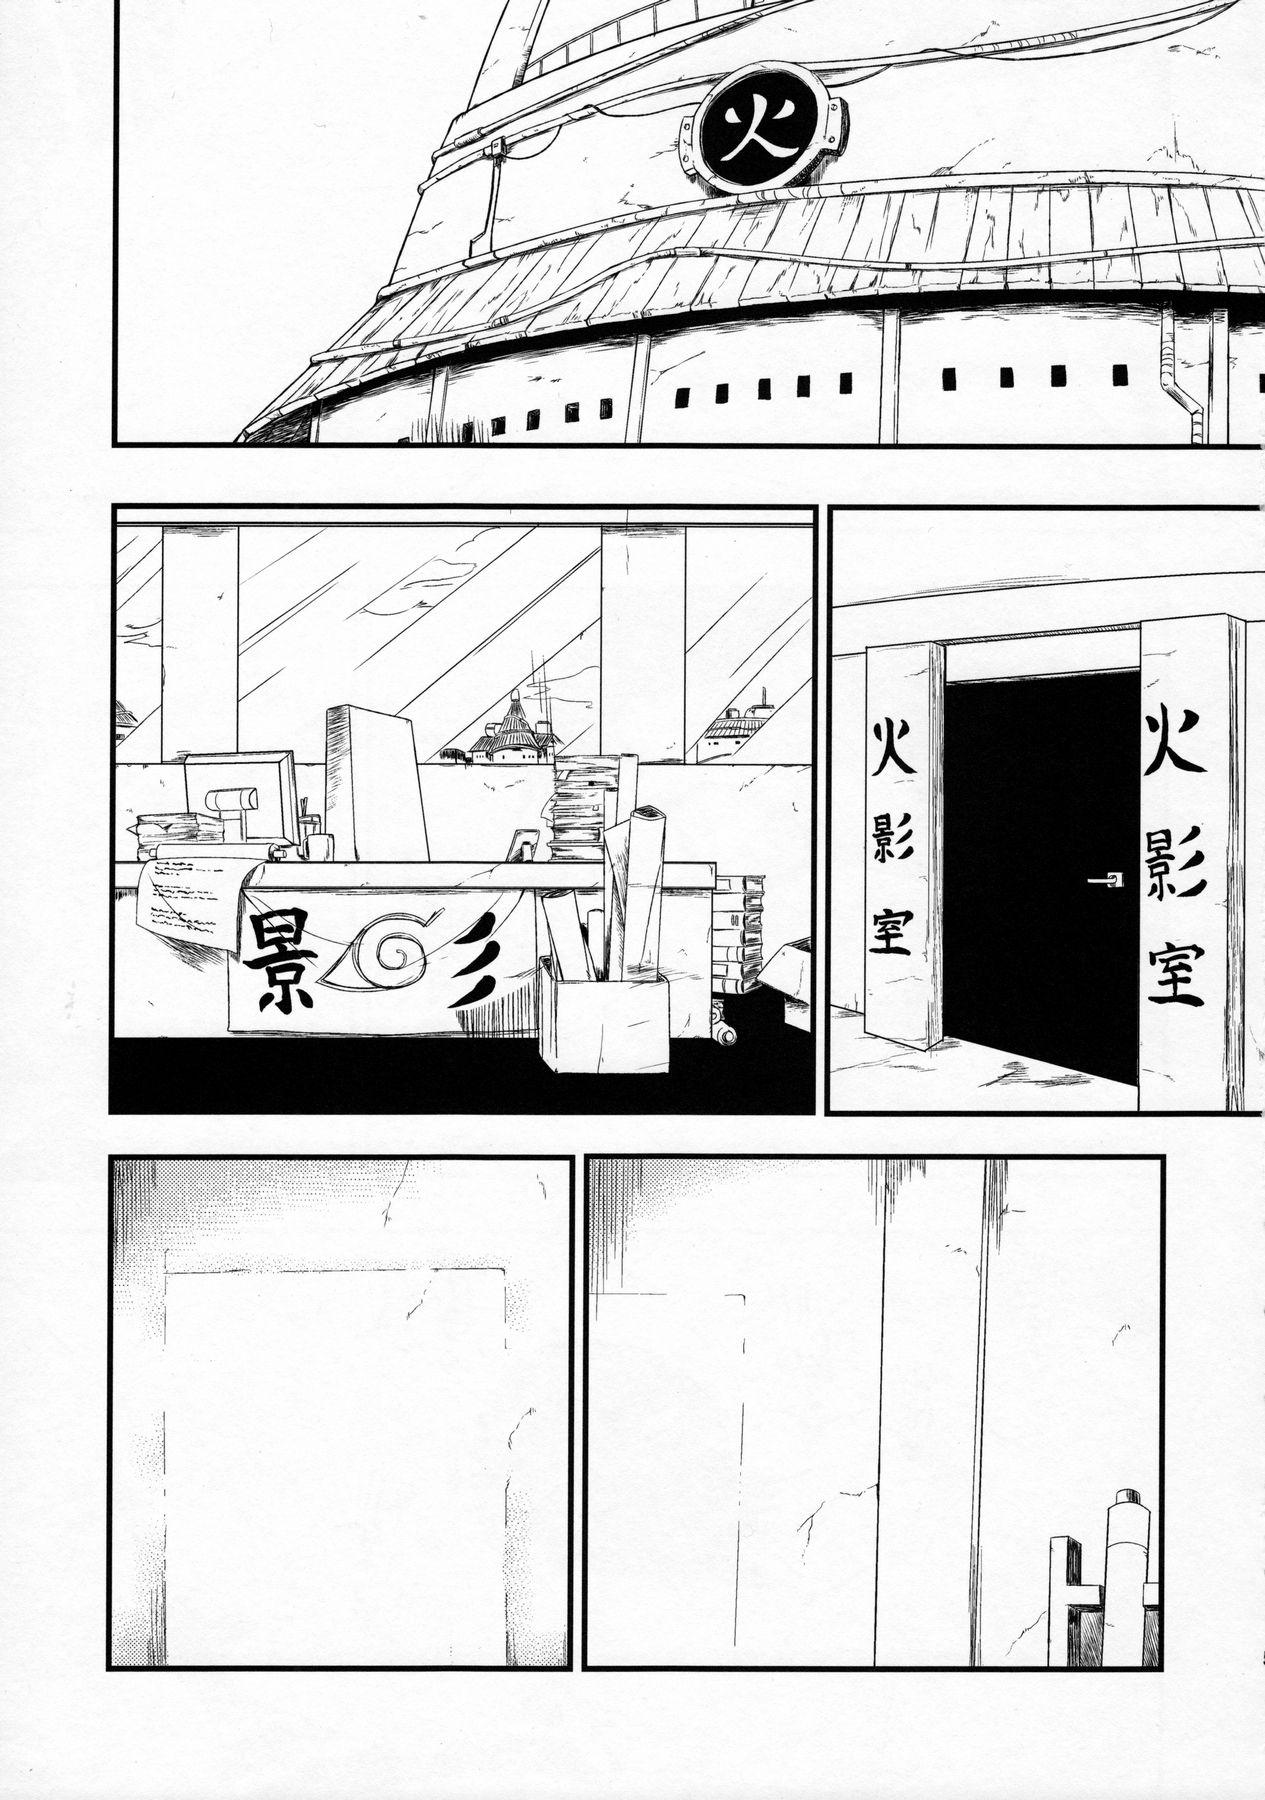 Konoha-don Yasaimashi english naruto hentai